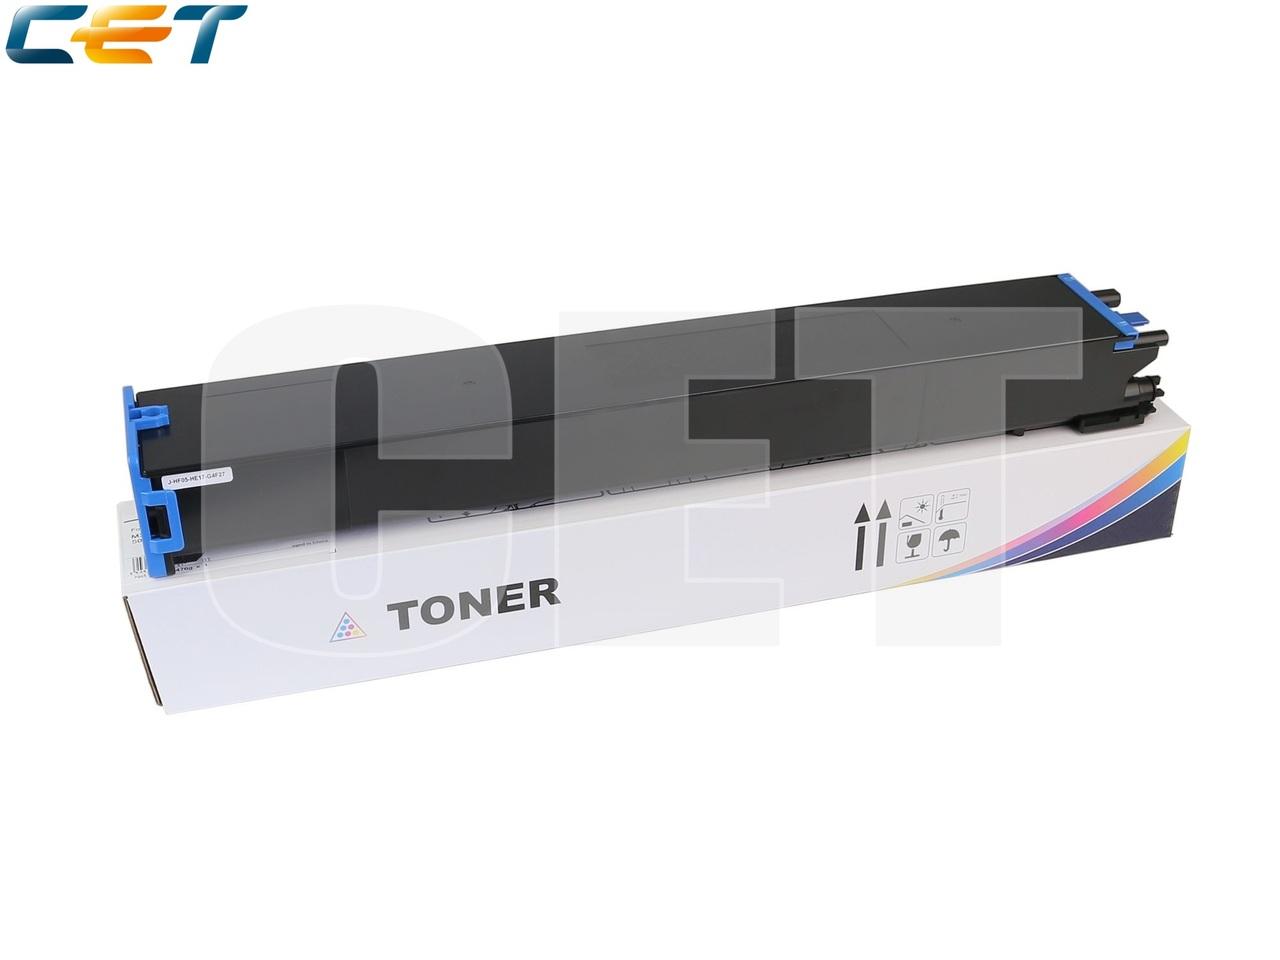 Тонер-картридж MX-60GTCA для SHARPMX-3050N/4050N/4070N/5070N (CET) Cyan, 476г, 24000 стр.,CET141243